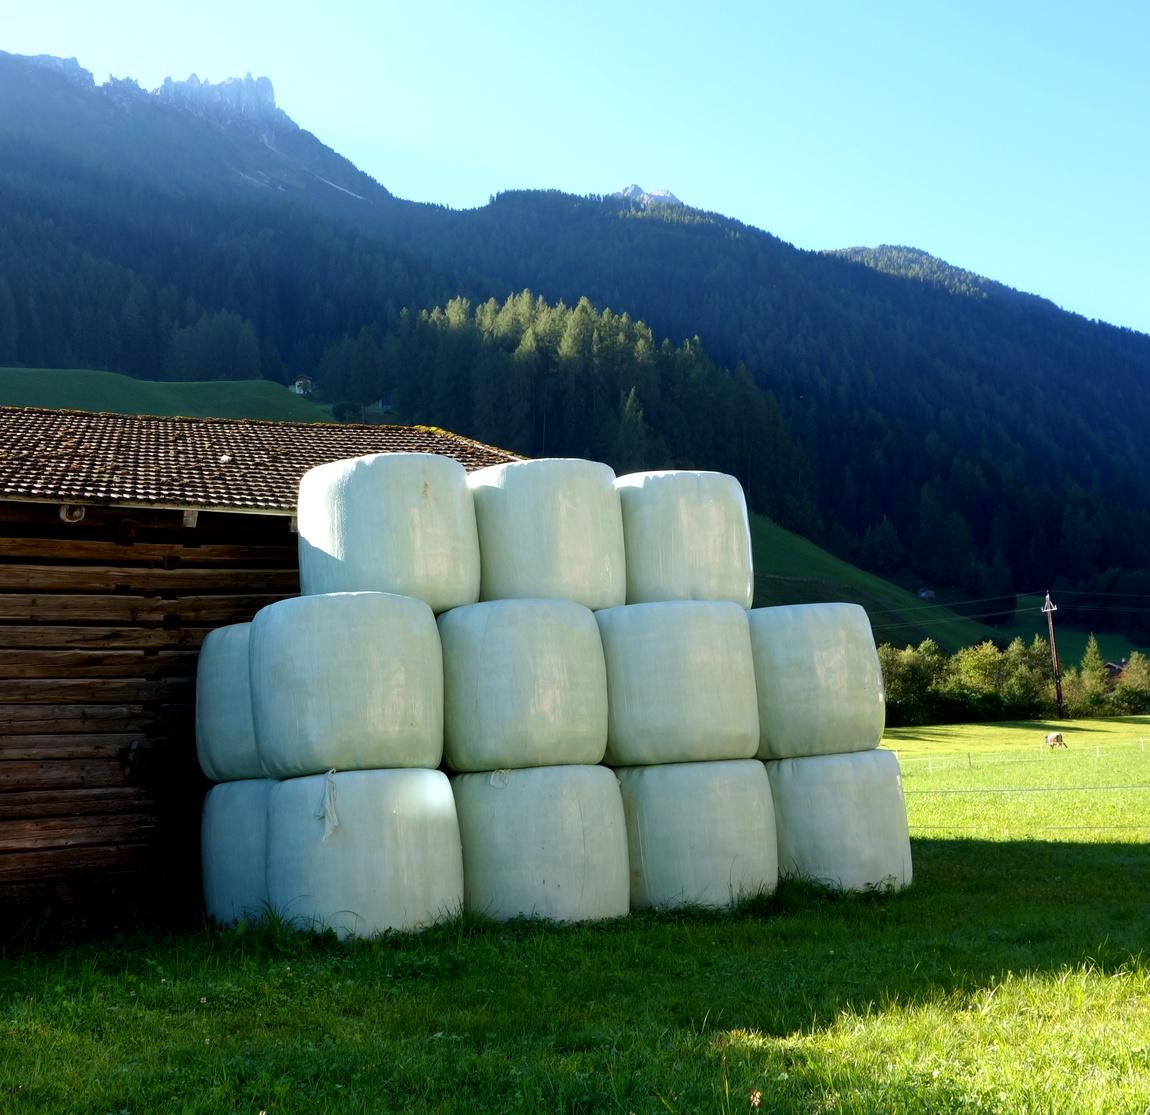 Кипы сена в посёлке Нойштифт в Австрии